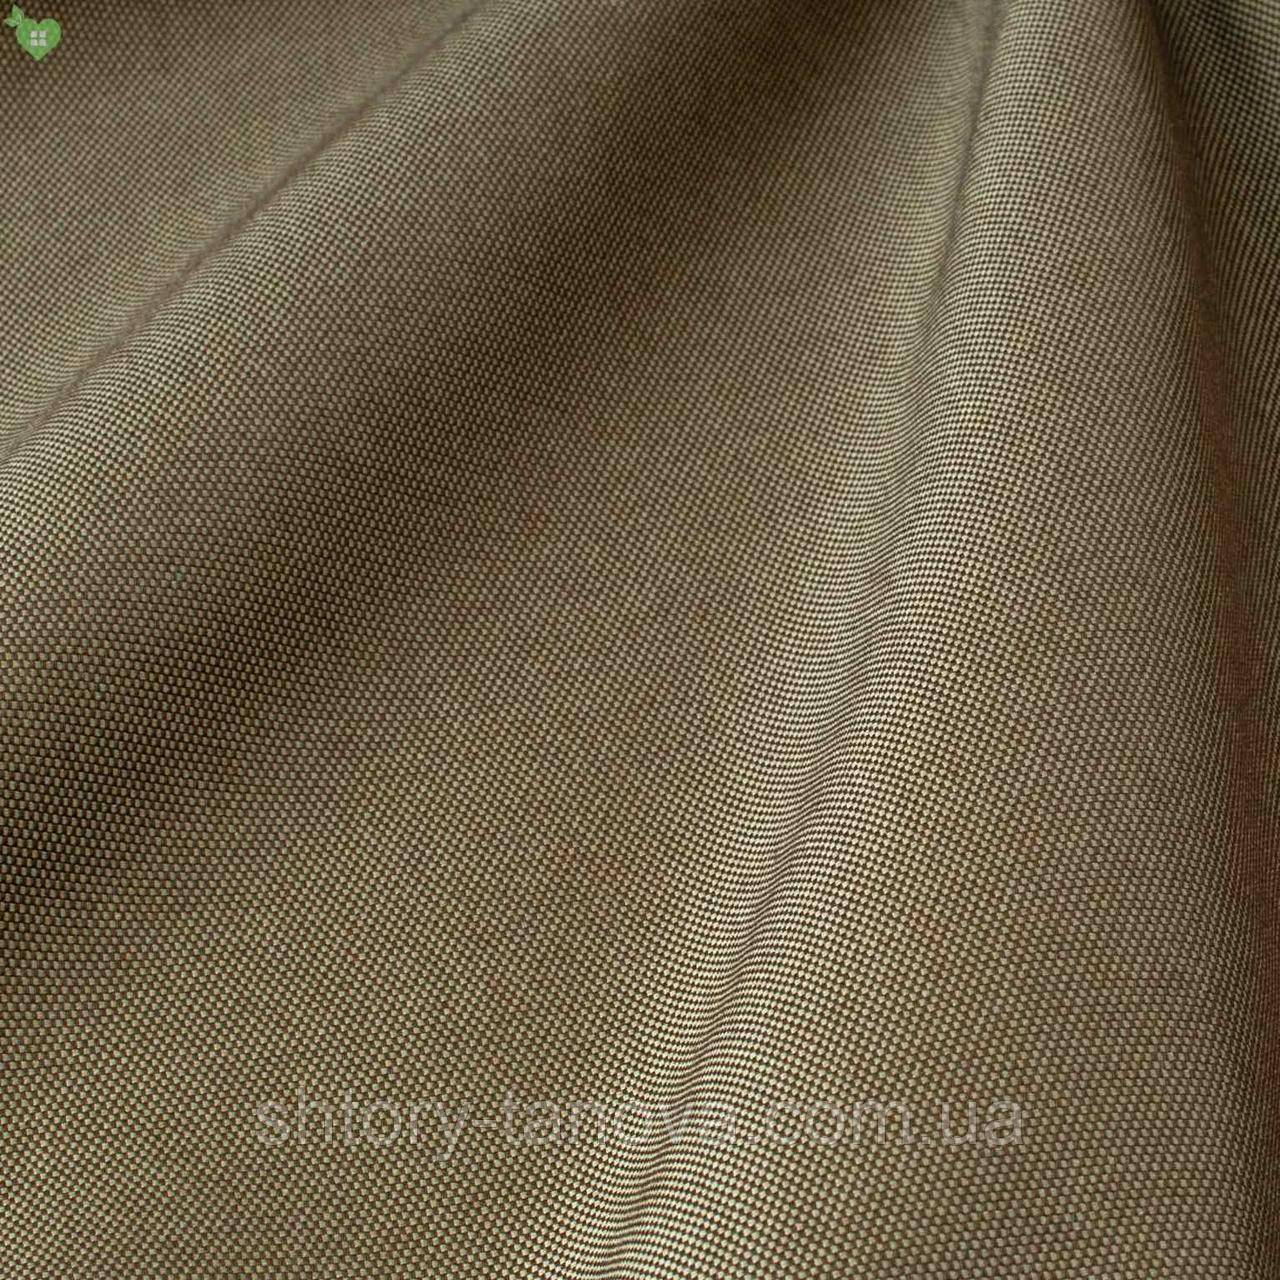 Уличная ткань с фактурой коричневого цвета для штор на павильон